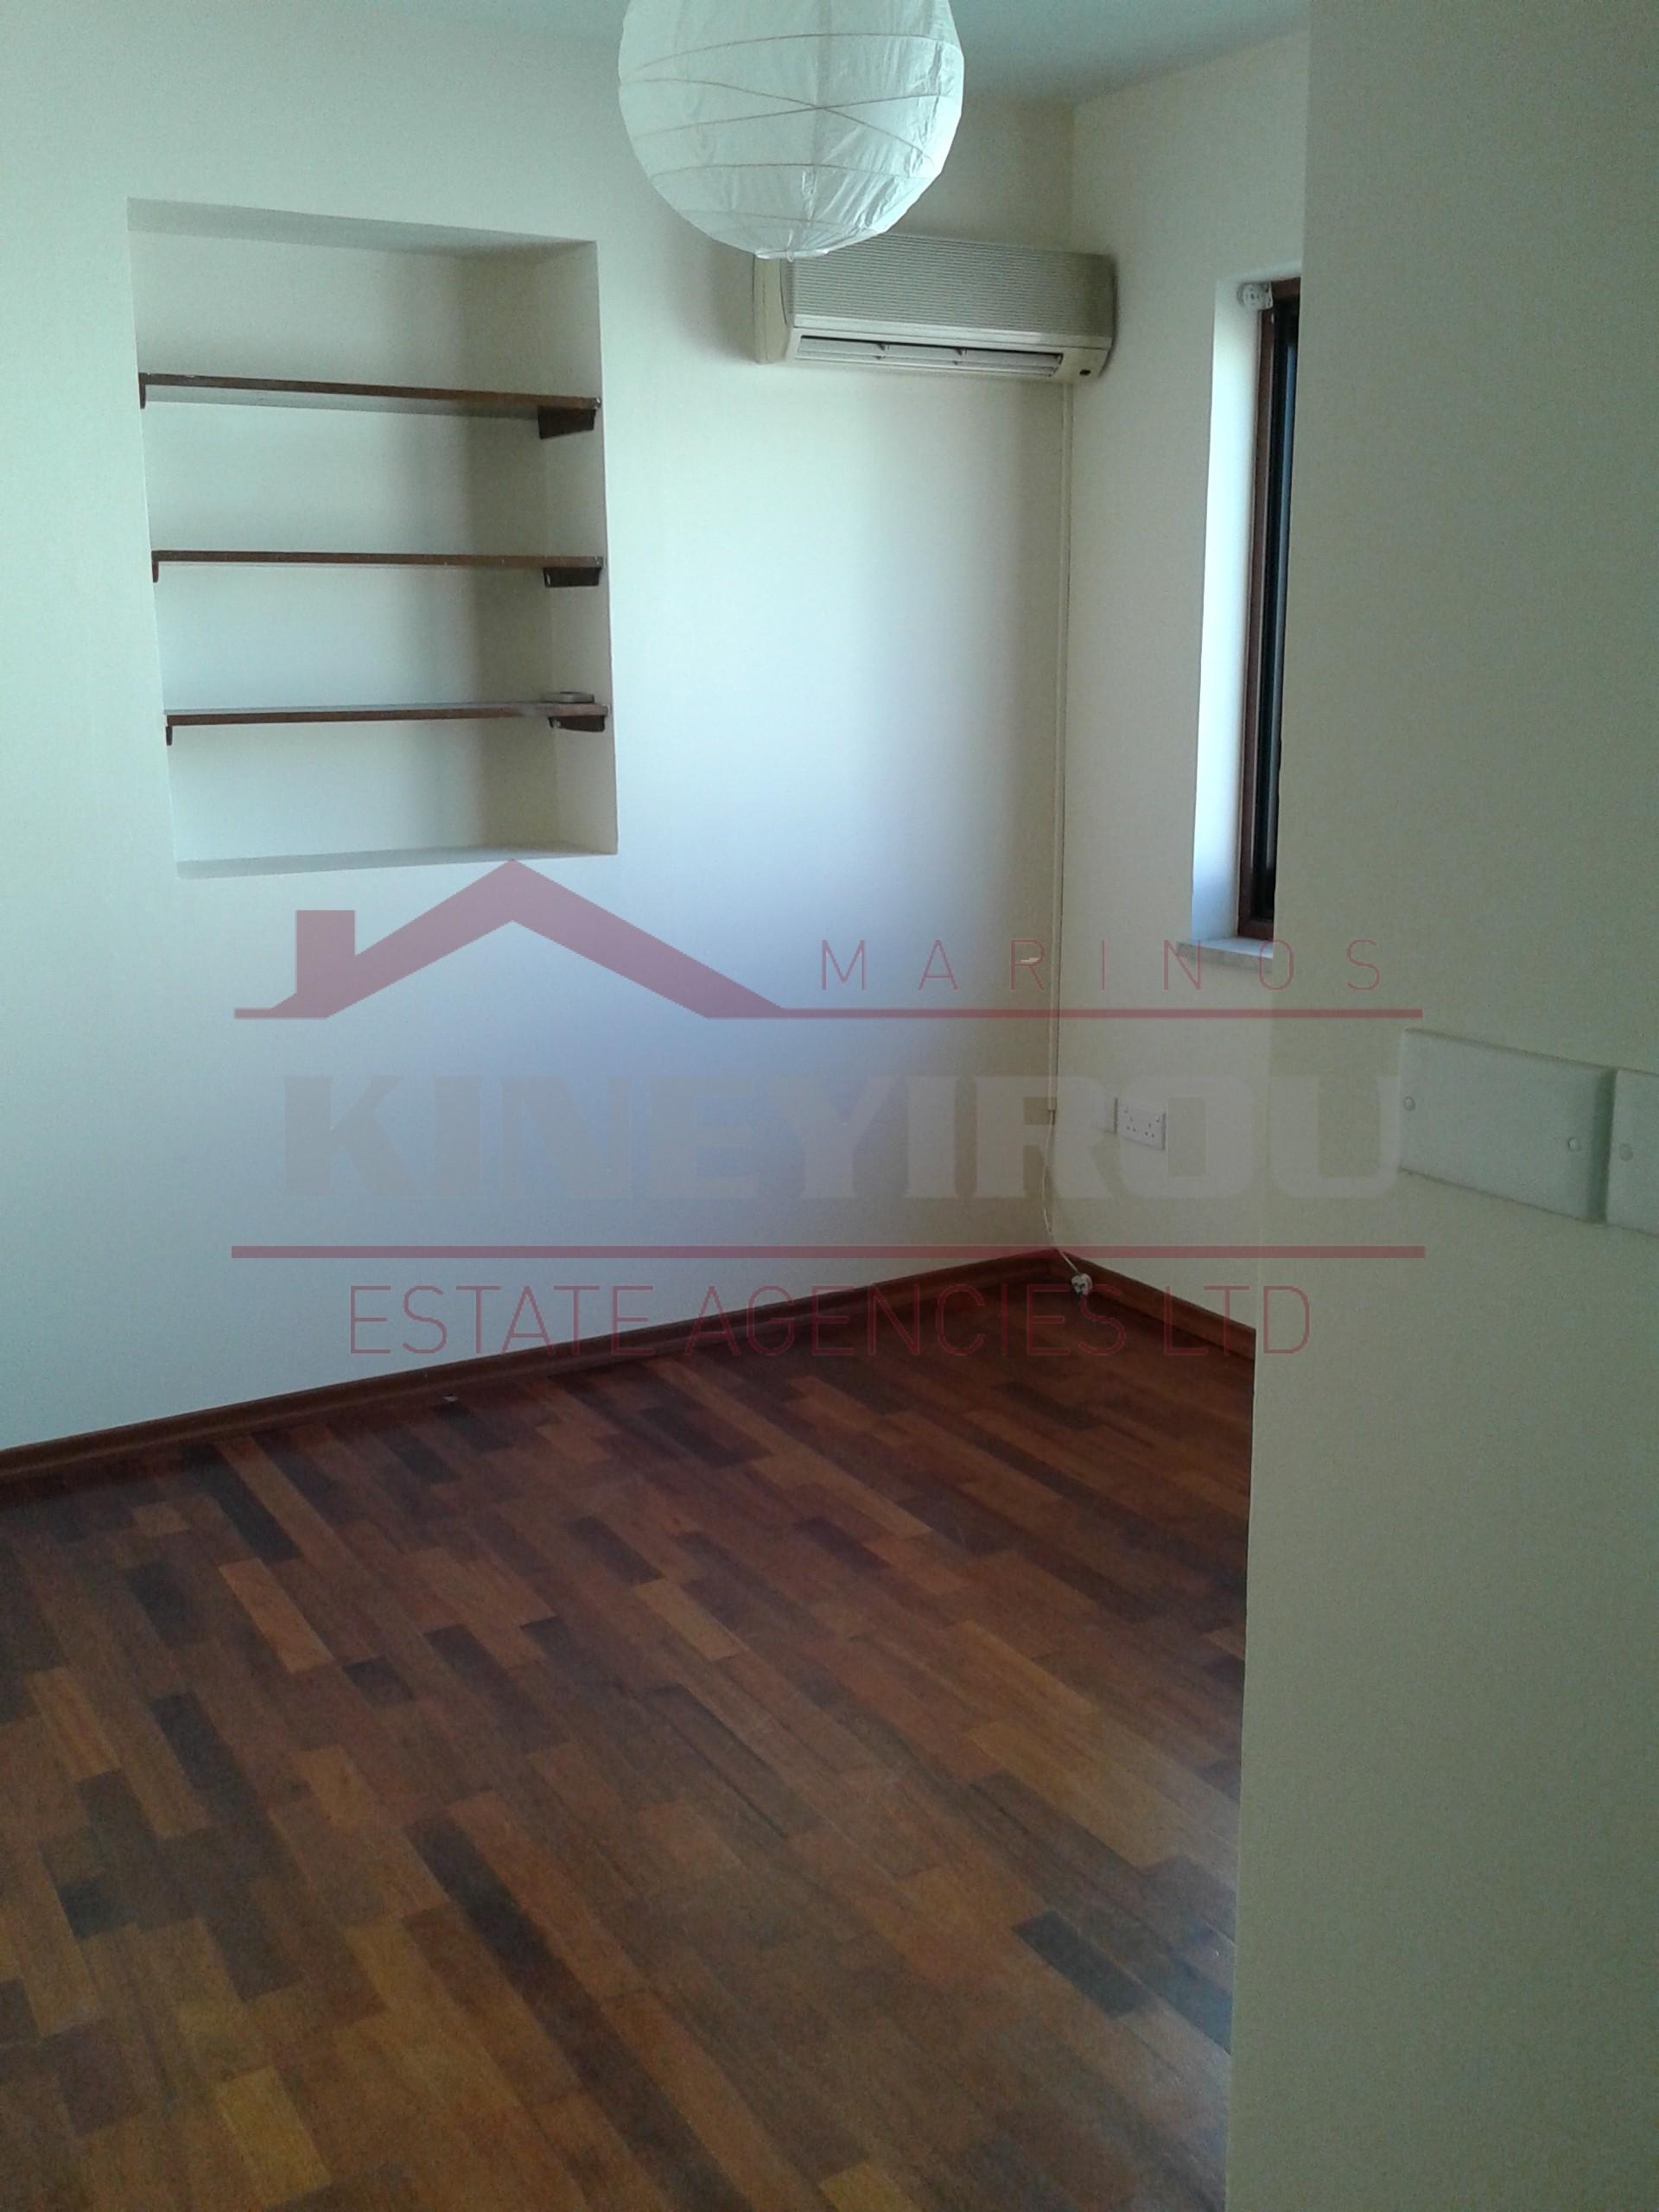 3 bedroom apartment is Larnaca